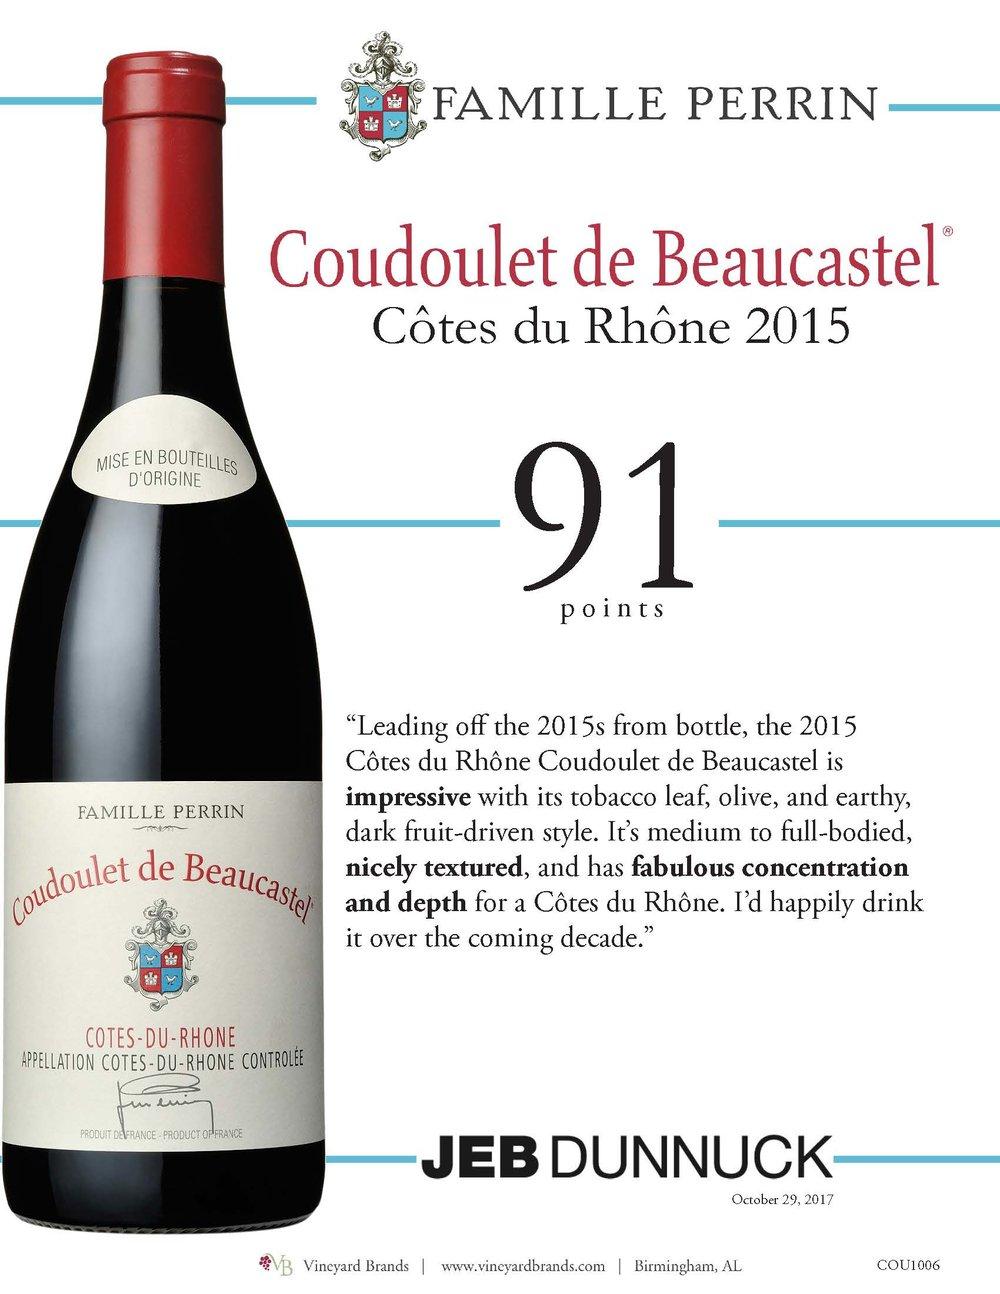 Famille Perrin Coudoulet de Beaucastel Cotes du Rhone 2015.jpg